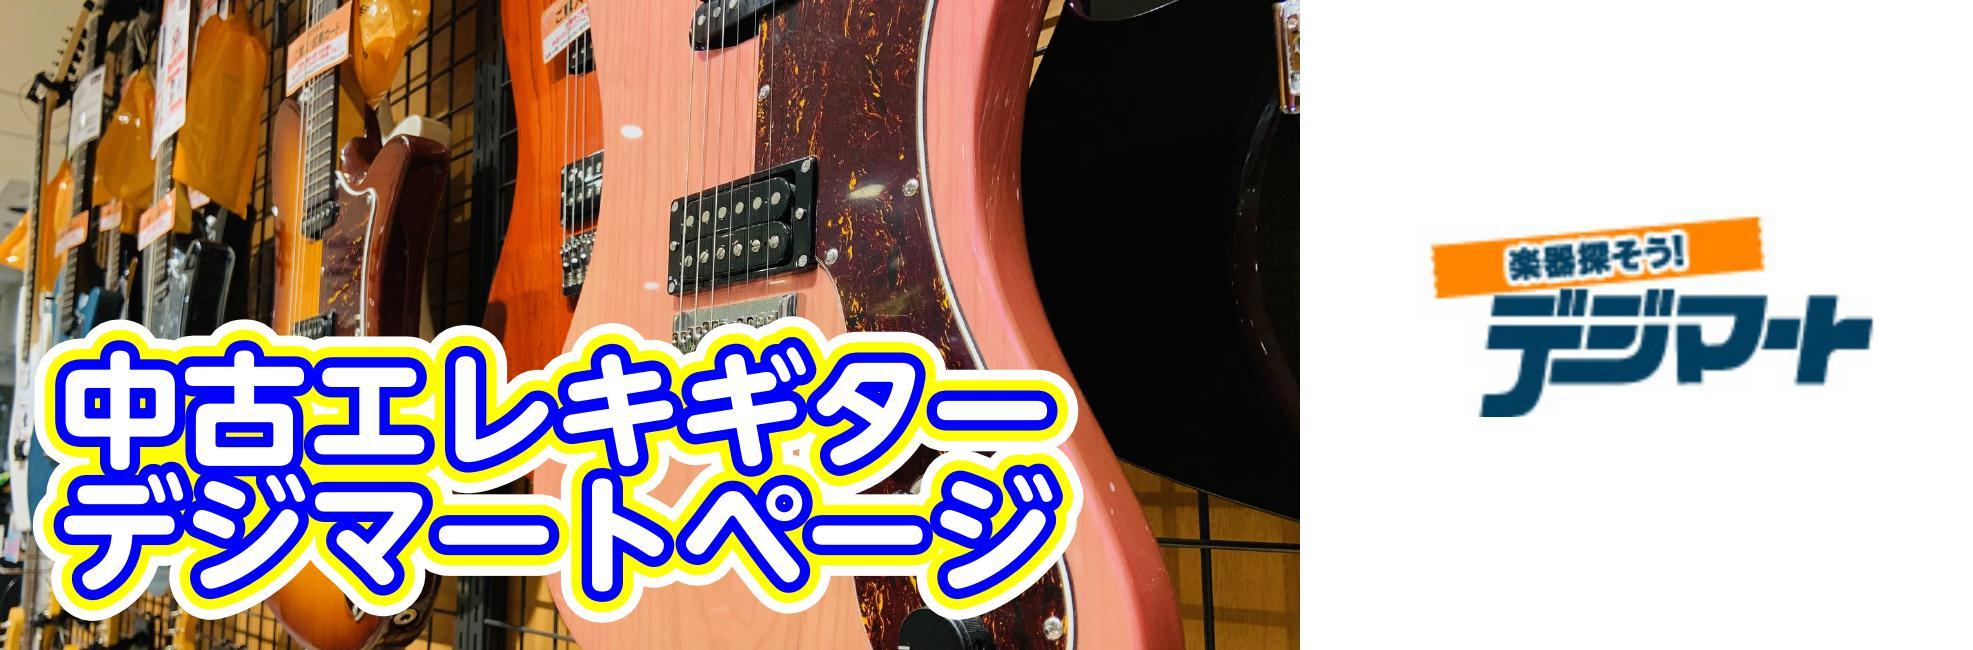 中古エレキギター